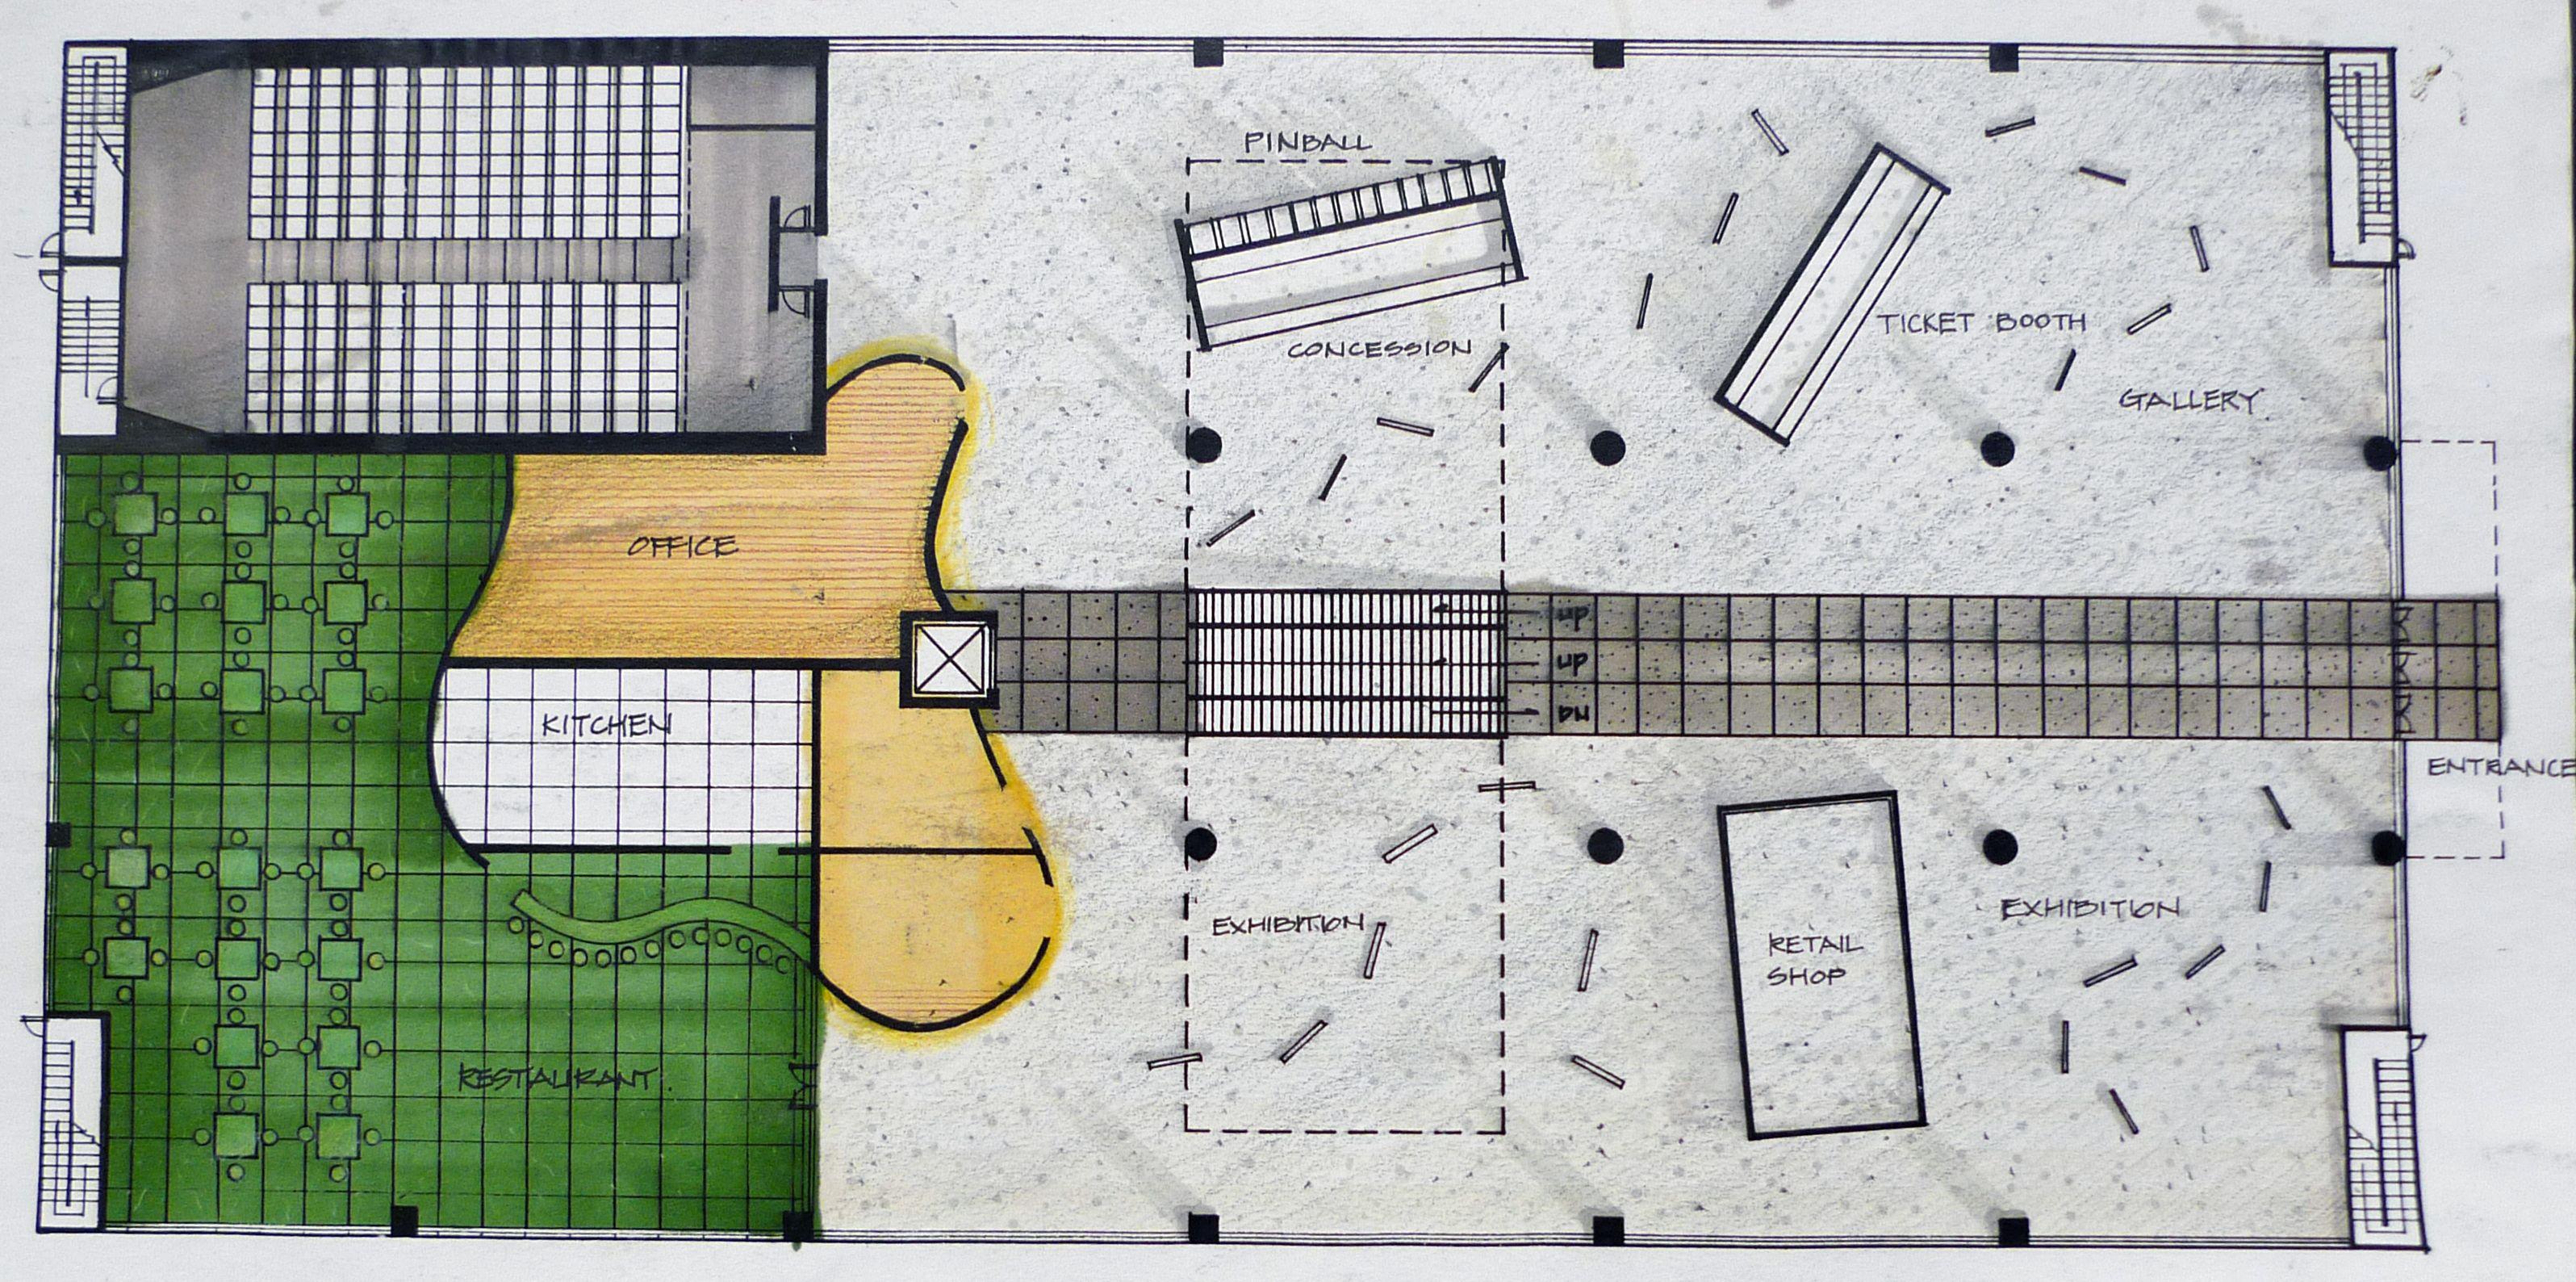 Interior Design Fashion Institute Of Technology Nyc Interior Design Institute Rendered Floor Plan Interior Decorating